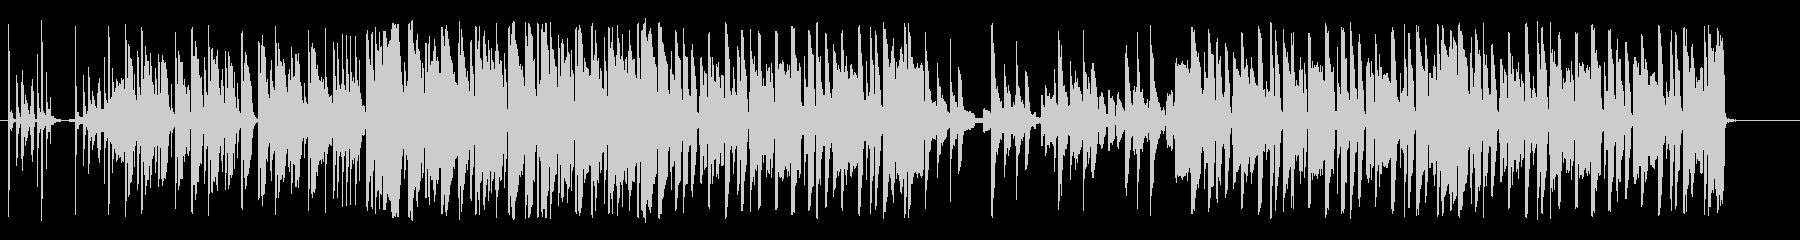 ヒップホップ トロピカルの未再生の波形